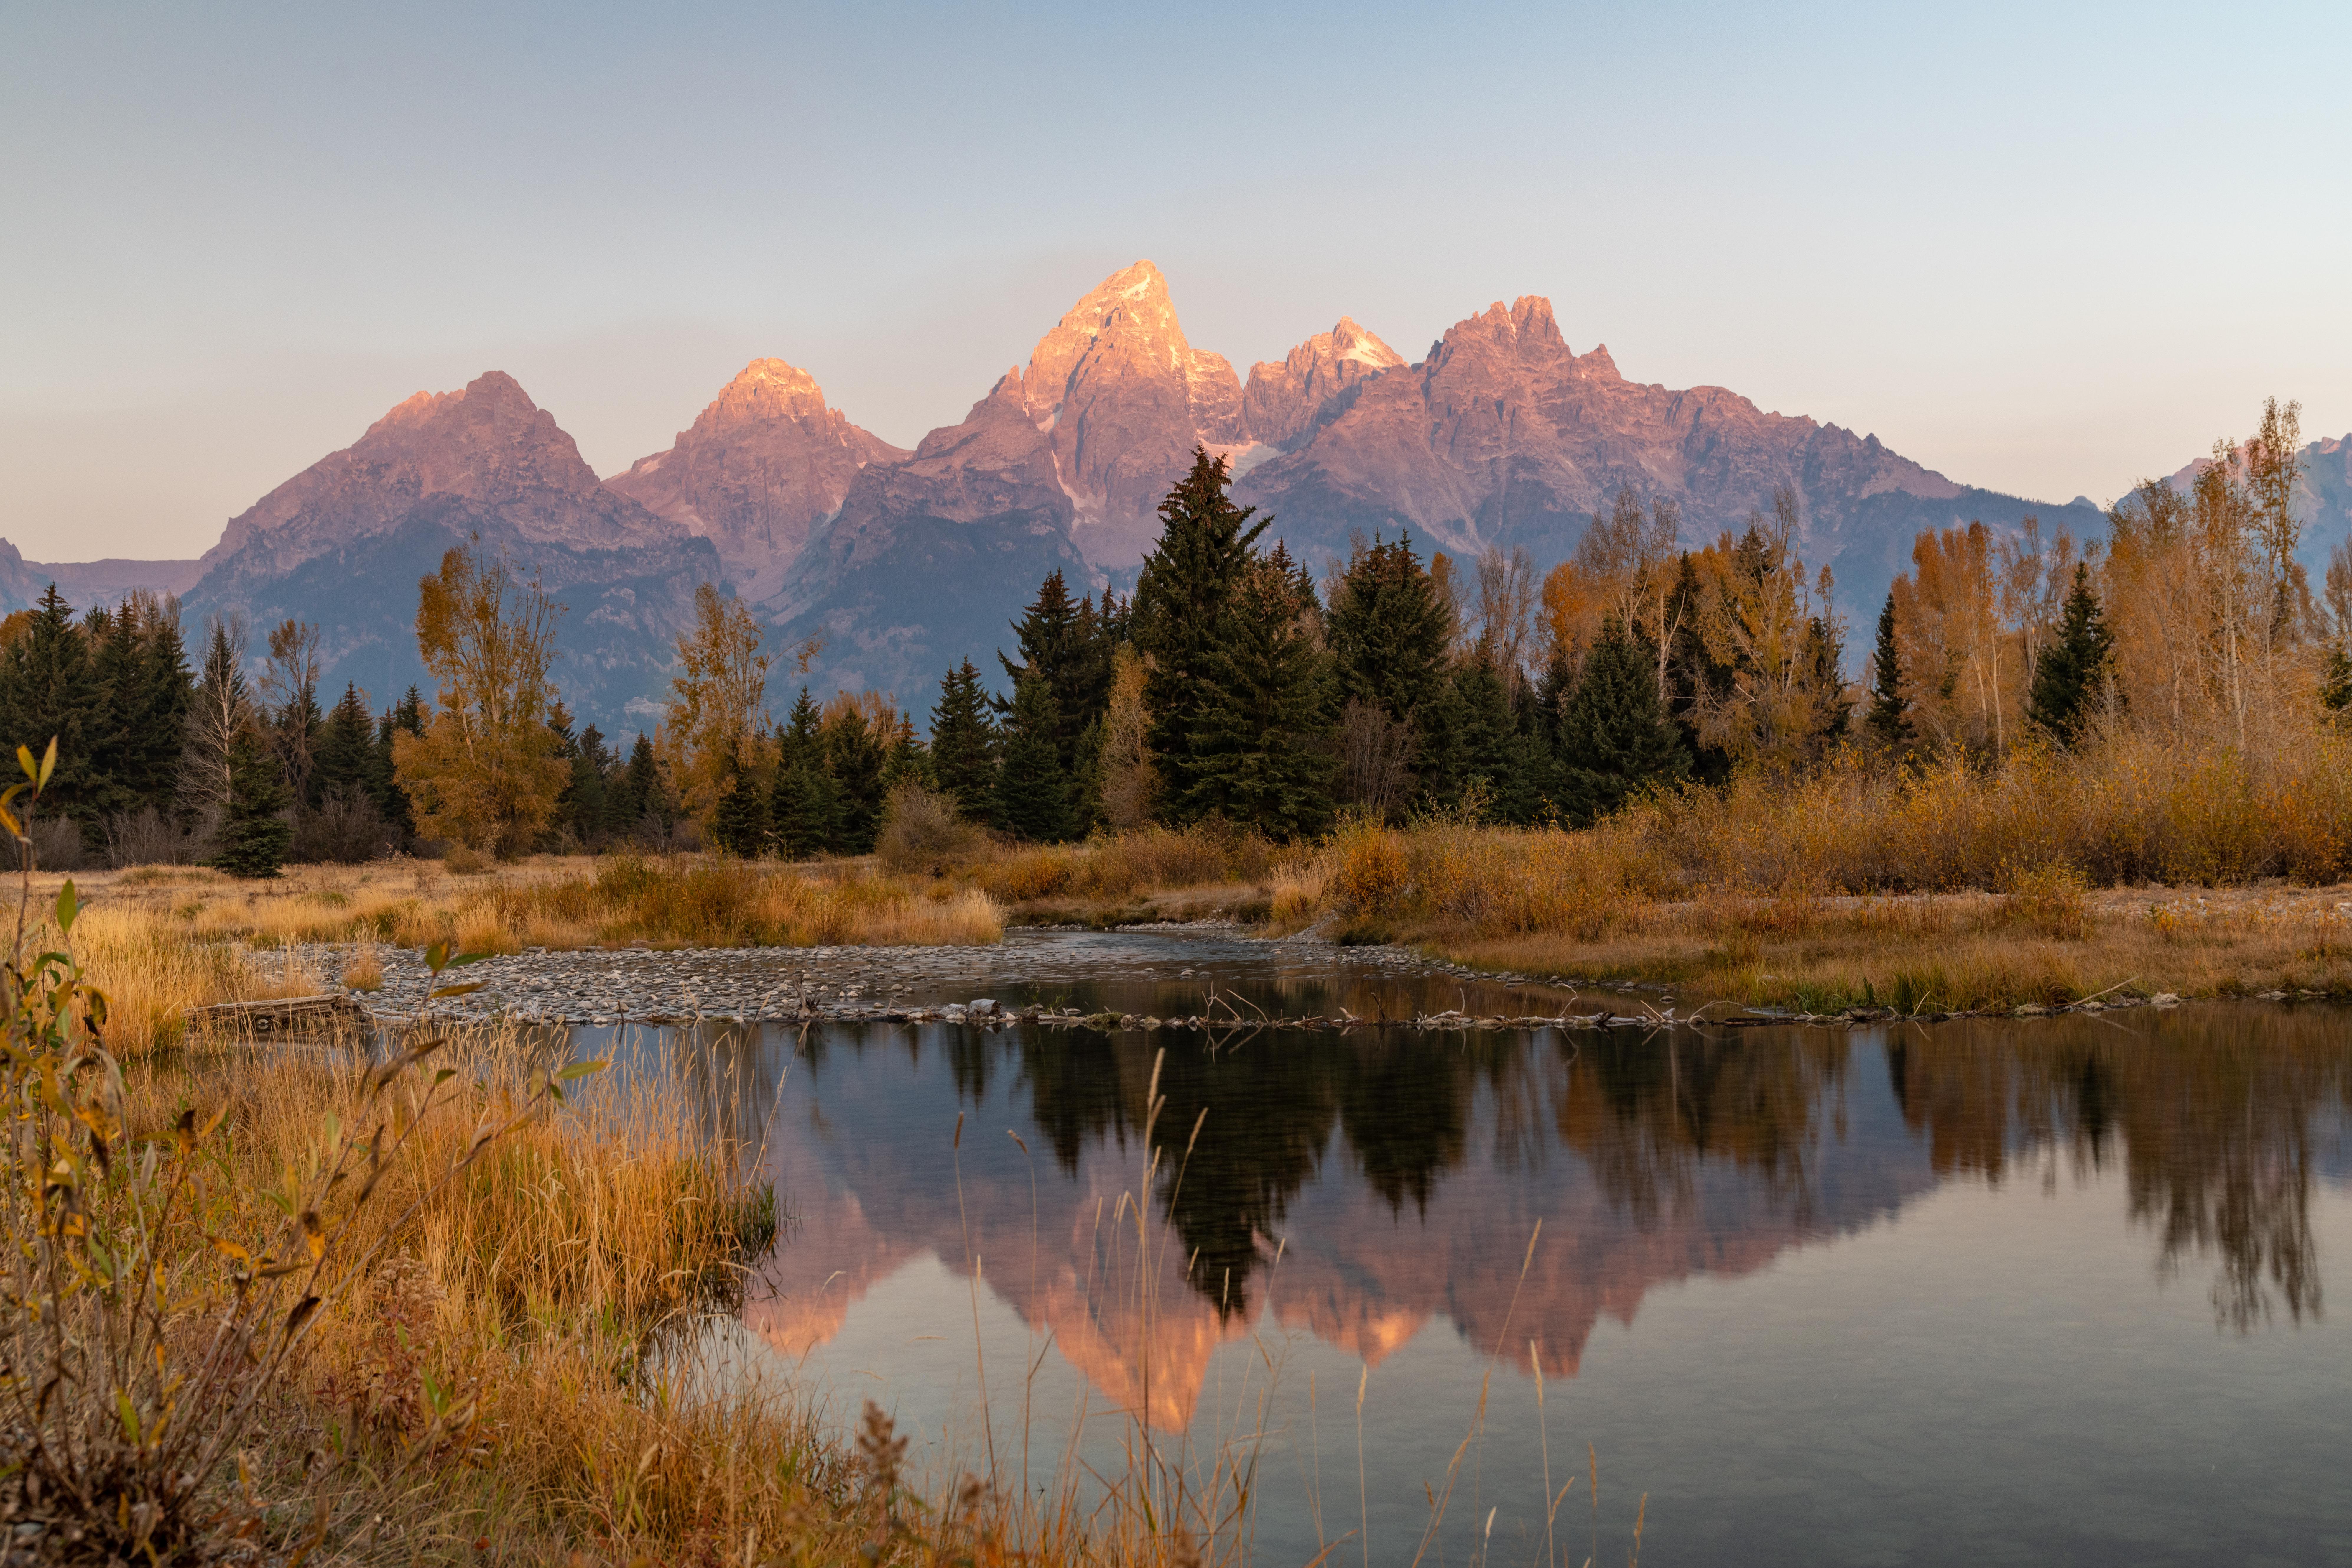 70047 Заставки и Обои Пейзаж на телефон. Скачать Пейзаж, Природа, Деревья, Горы, Озеро, Отражение картинки бесплатно